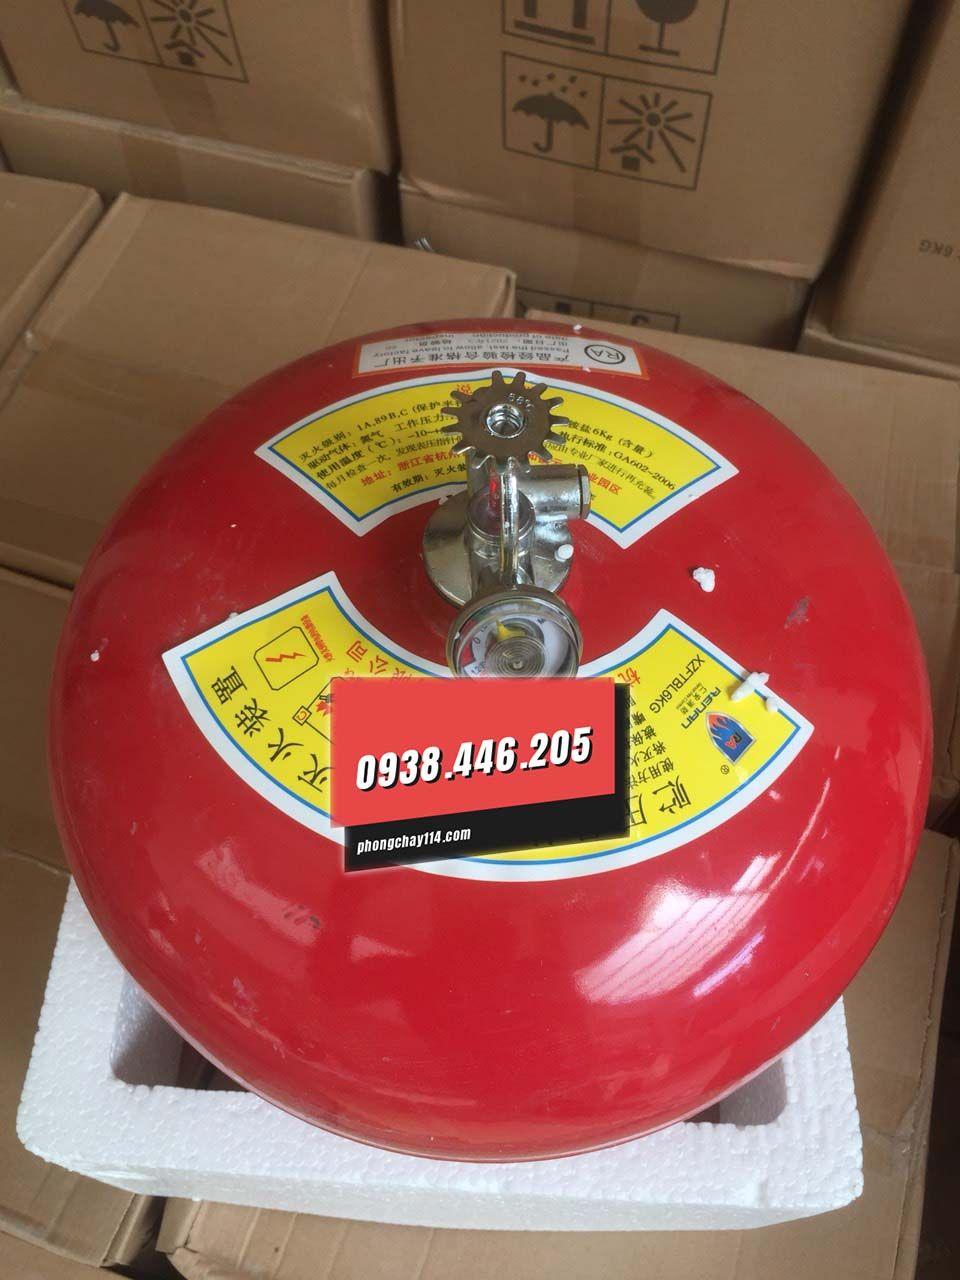 Bình cầu chữa cháy tự động Renan XZFTBL8 bột abc 8kg